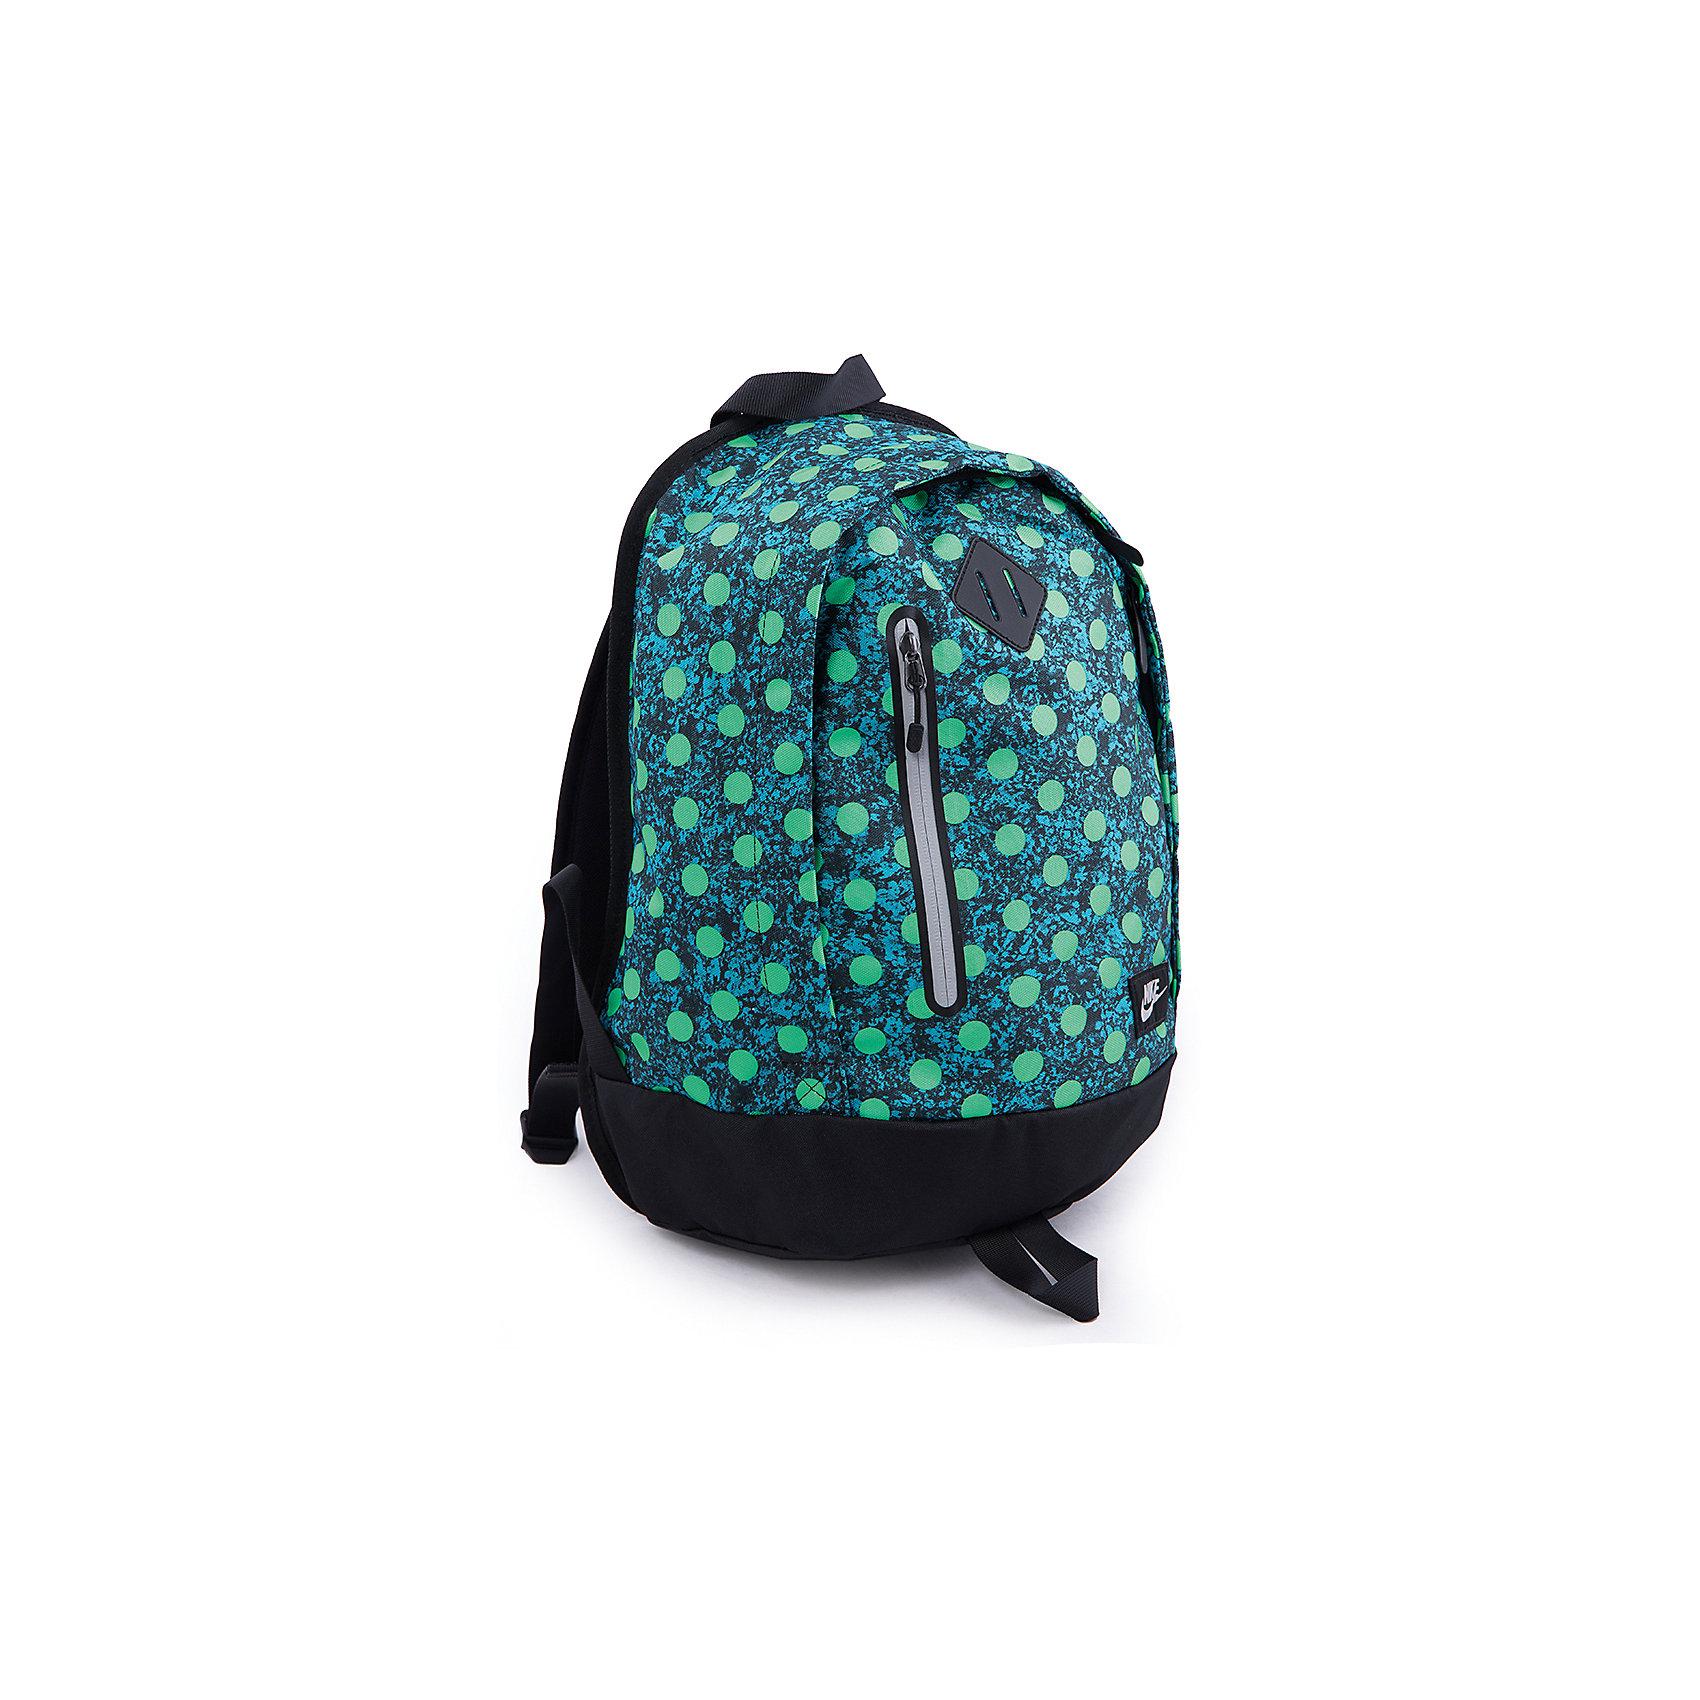 Рюкзак NIKE YA CHEYENNE BACKPACK NIKEВместительный рюкзак от Nike (Найк) имеет регулируемые мягкие и удобные лямки. Вместительное основное отделение с двойной молнией для надежного хранения вещей. Имеется внутренний  карман из сетчатой ткани для удобного хранения вещей. Низ из непромокаемой ткани для защиты вещей от промокания.<br><br>Дополнительная информация:<br><br>Размеры: 40 х 28 см<br>Ширина дна: 19 см<br>Два отделения на молнии, куда помещается документы формата А4<br>Внутри один карман на молнии, один накладной карман и несколько кармашков для ручек, снаружи один карман на молнии.<br>Материал: полиэстер<br><br>Рюкзак для девочки NIKE YA CHEYENNE BACKPACK NIKE можно купить в нашем магазине.<br><br>Ширина мм: 227<br>Глубина мм: 11<br>Высота мм: 226<br>Вес г: 350<br>Цвет: черный<br>Возраст от месяцев: 84<br>Возраст до месяцев: 192<br>Пол: Унисекс<br>Возраст: Детский<br>Размер: one size<br>SKU: 4257557